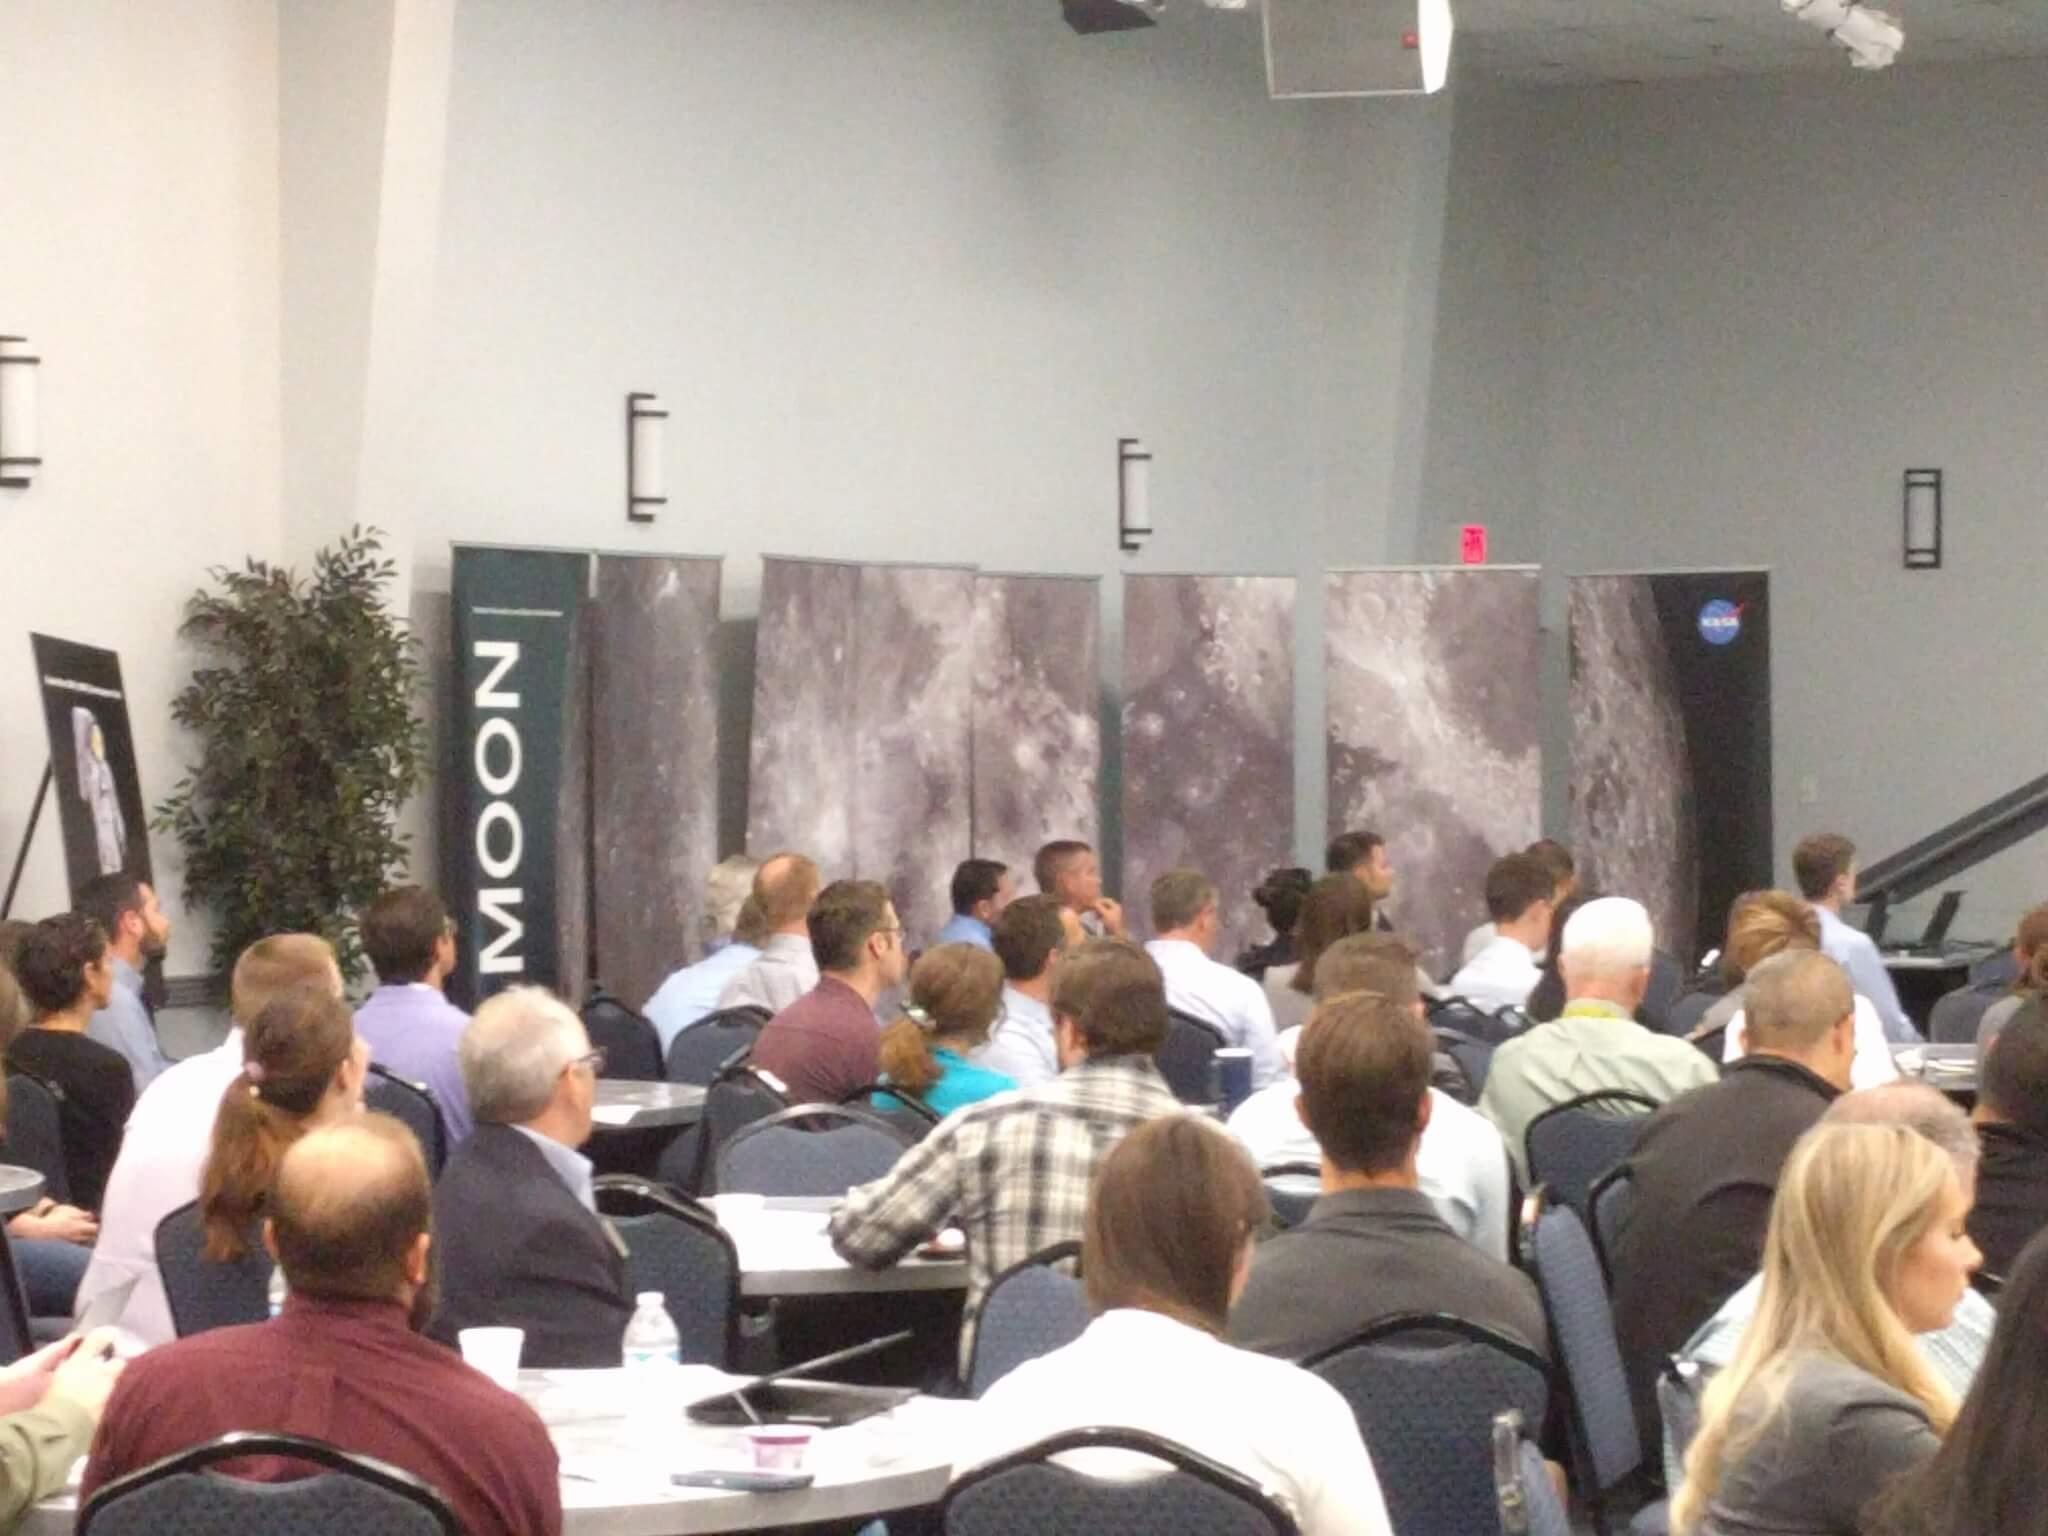 NASA EVA Workshop